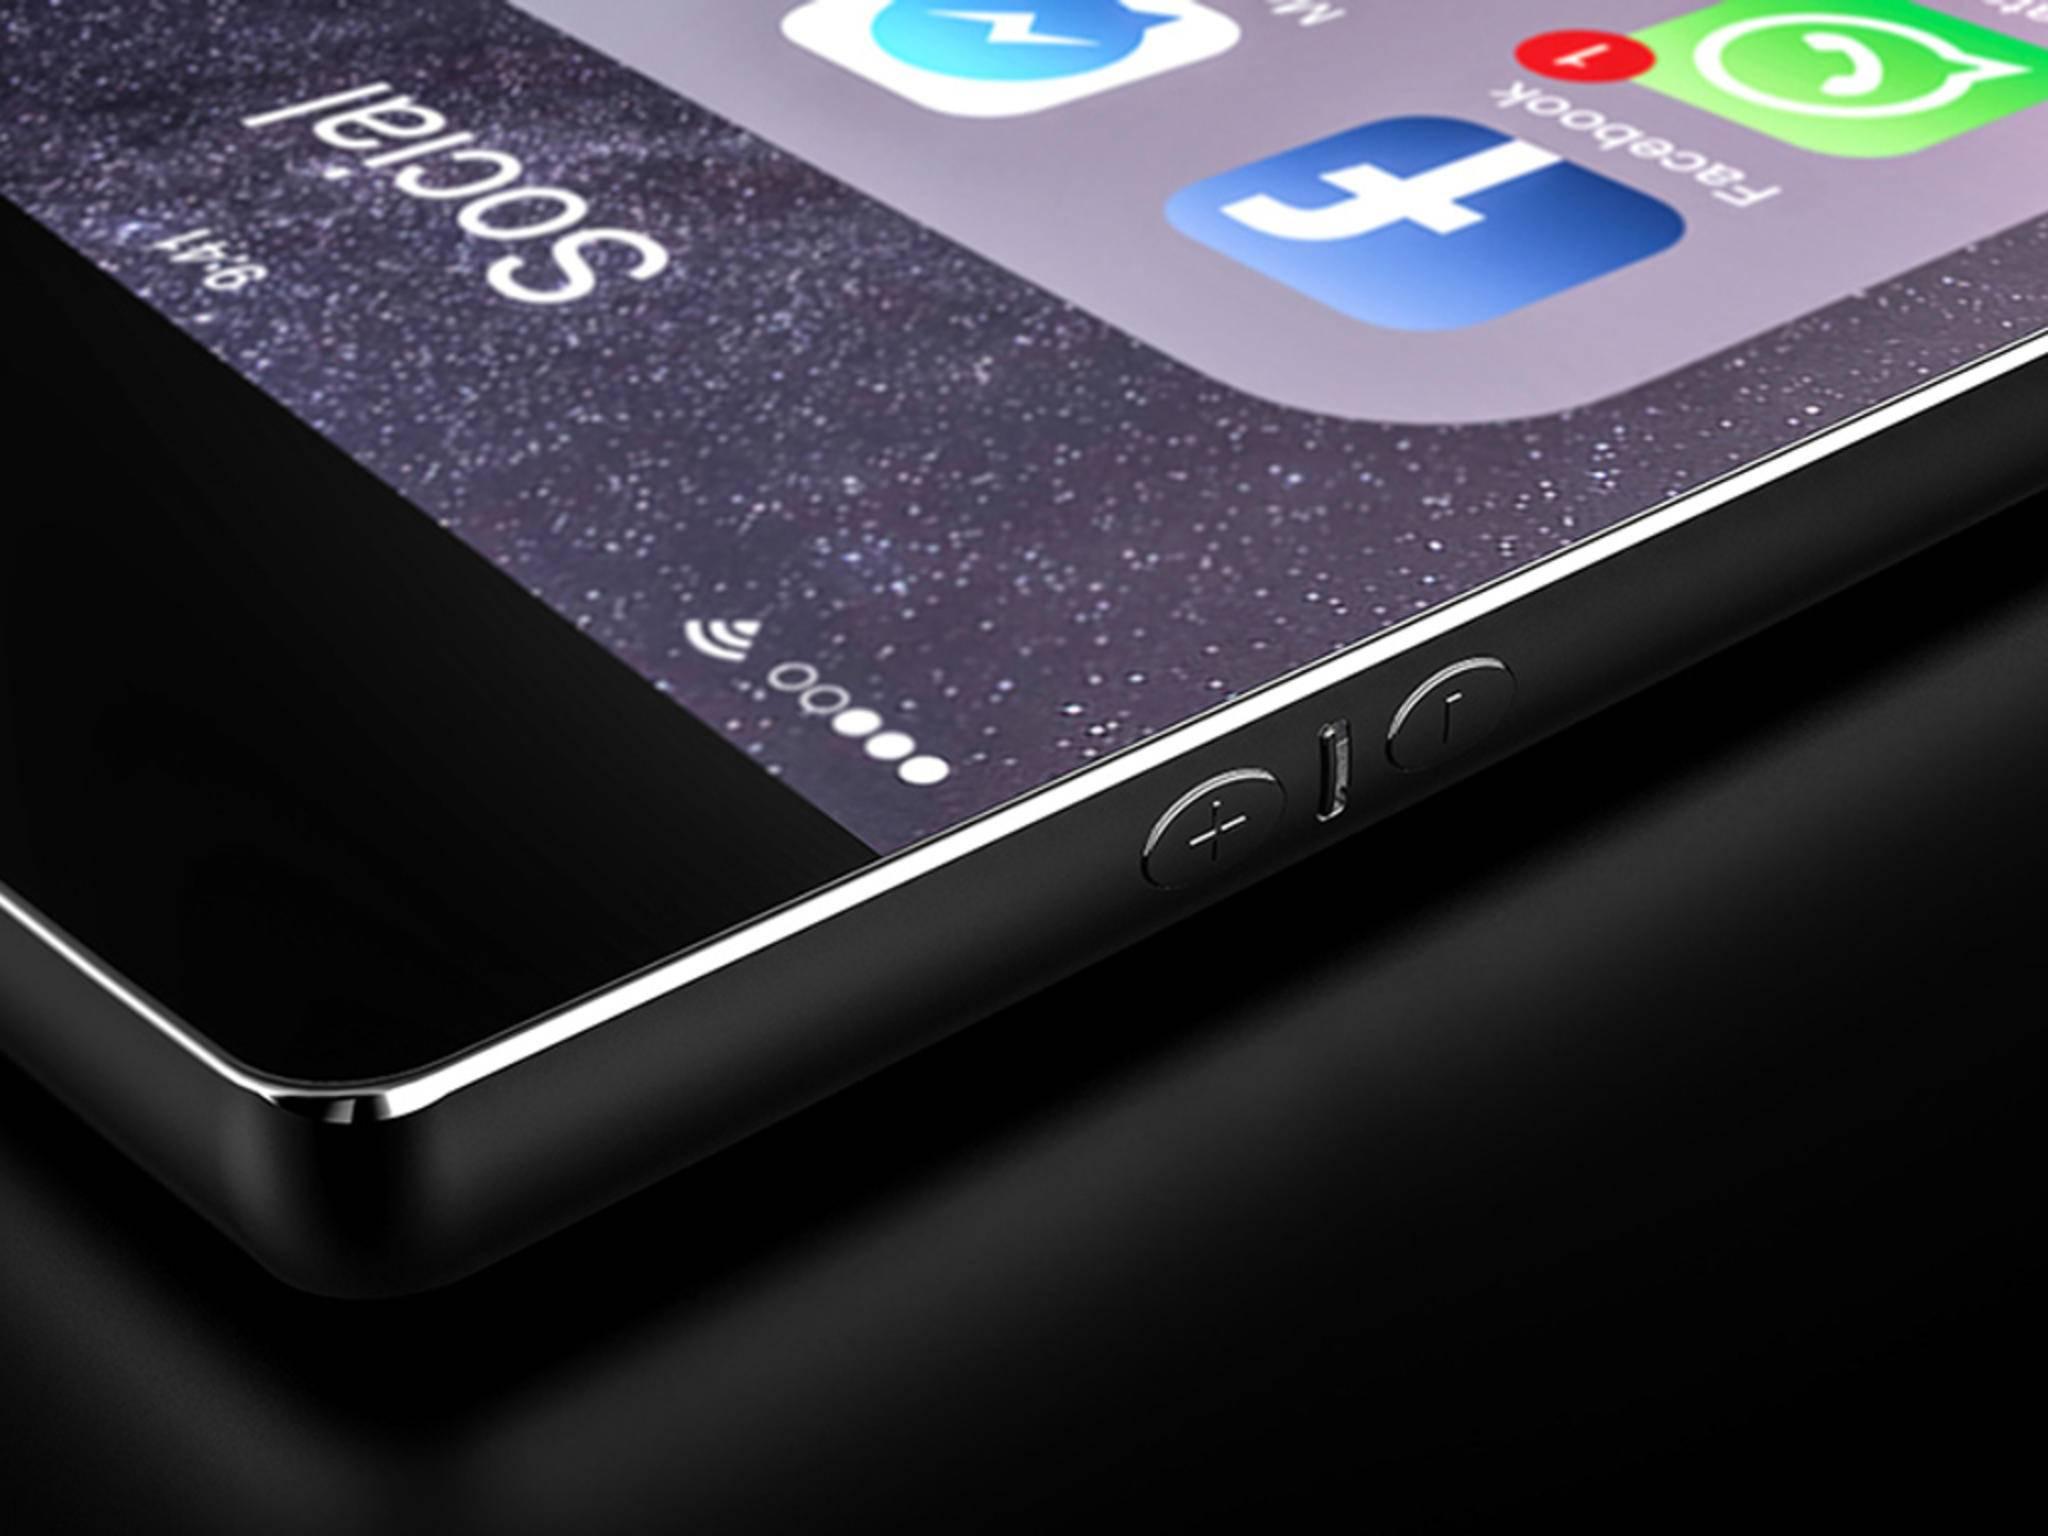 Das iPhone 7s könnte ein Gehäuse aus Glas spendiert bekommen.